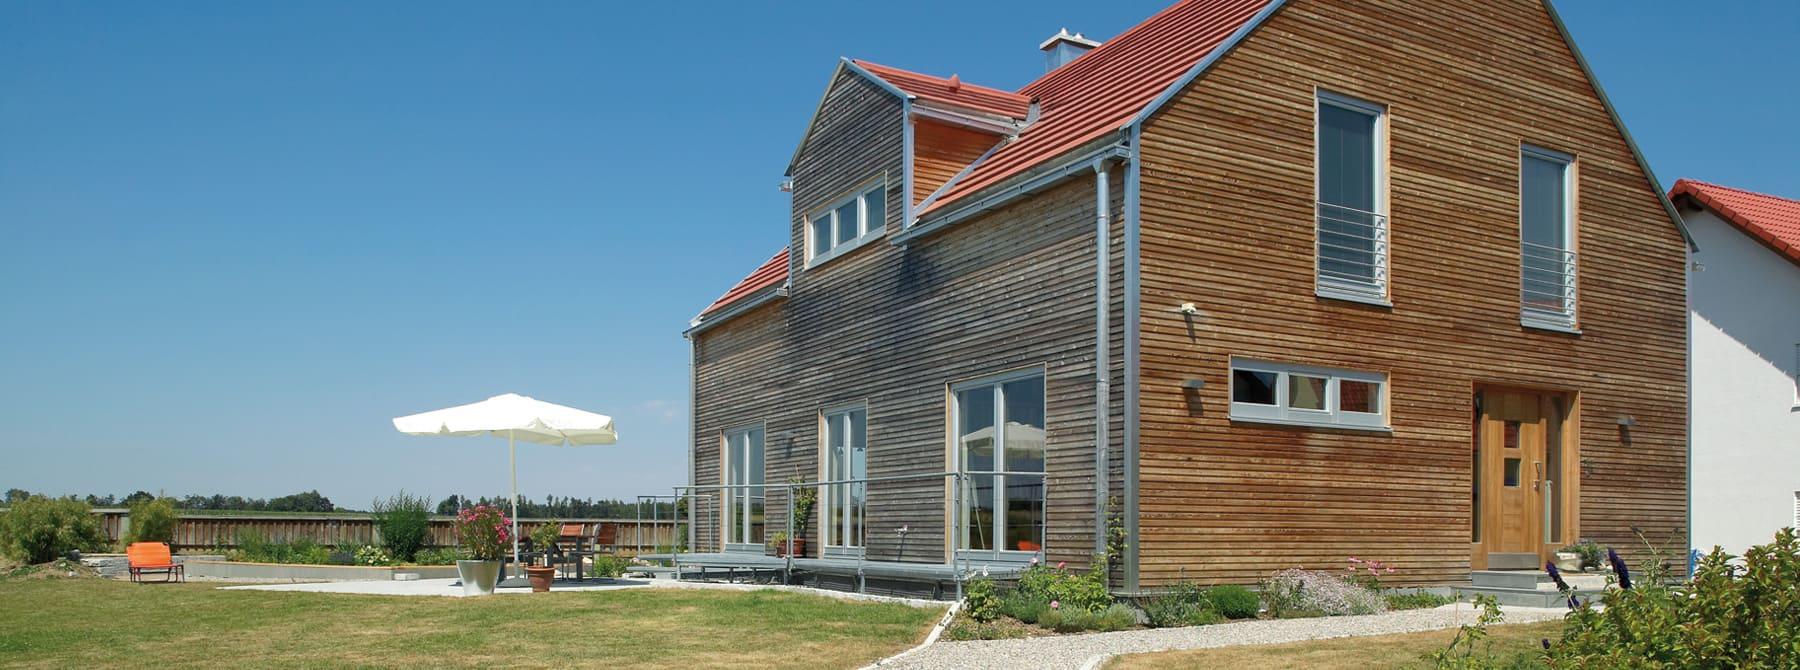 Bauen Sie Ihr Holzhaus Passivhaus Plusenergiehaus Mit Sonnleitner